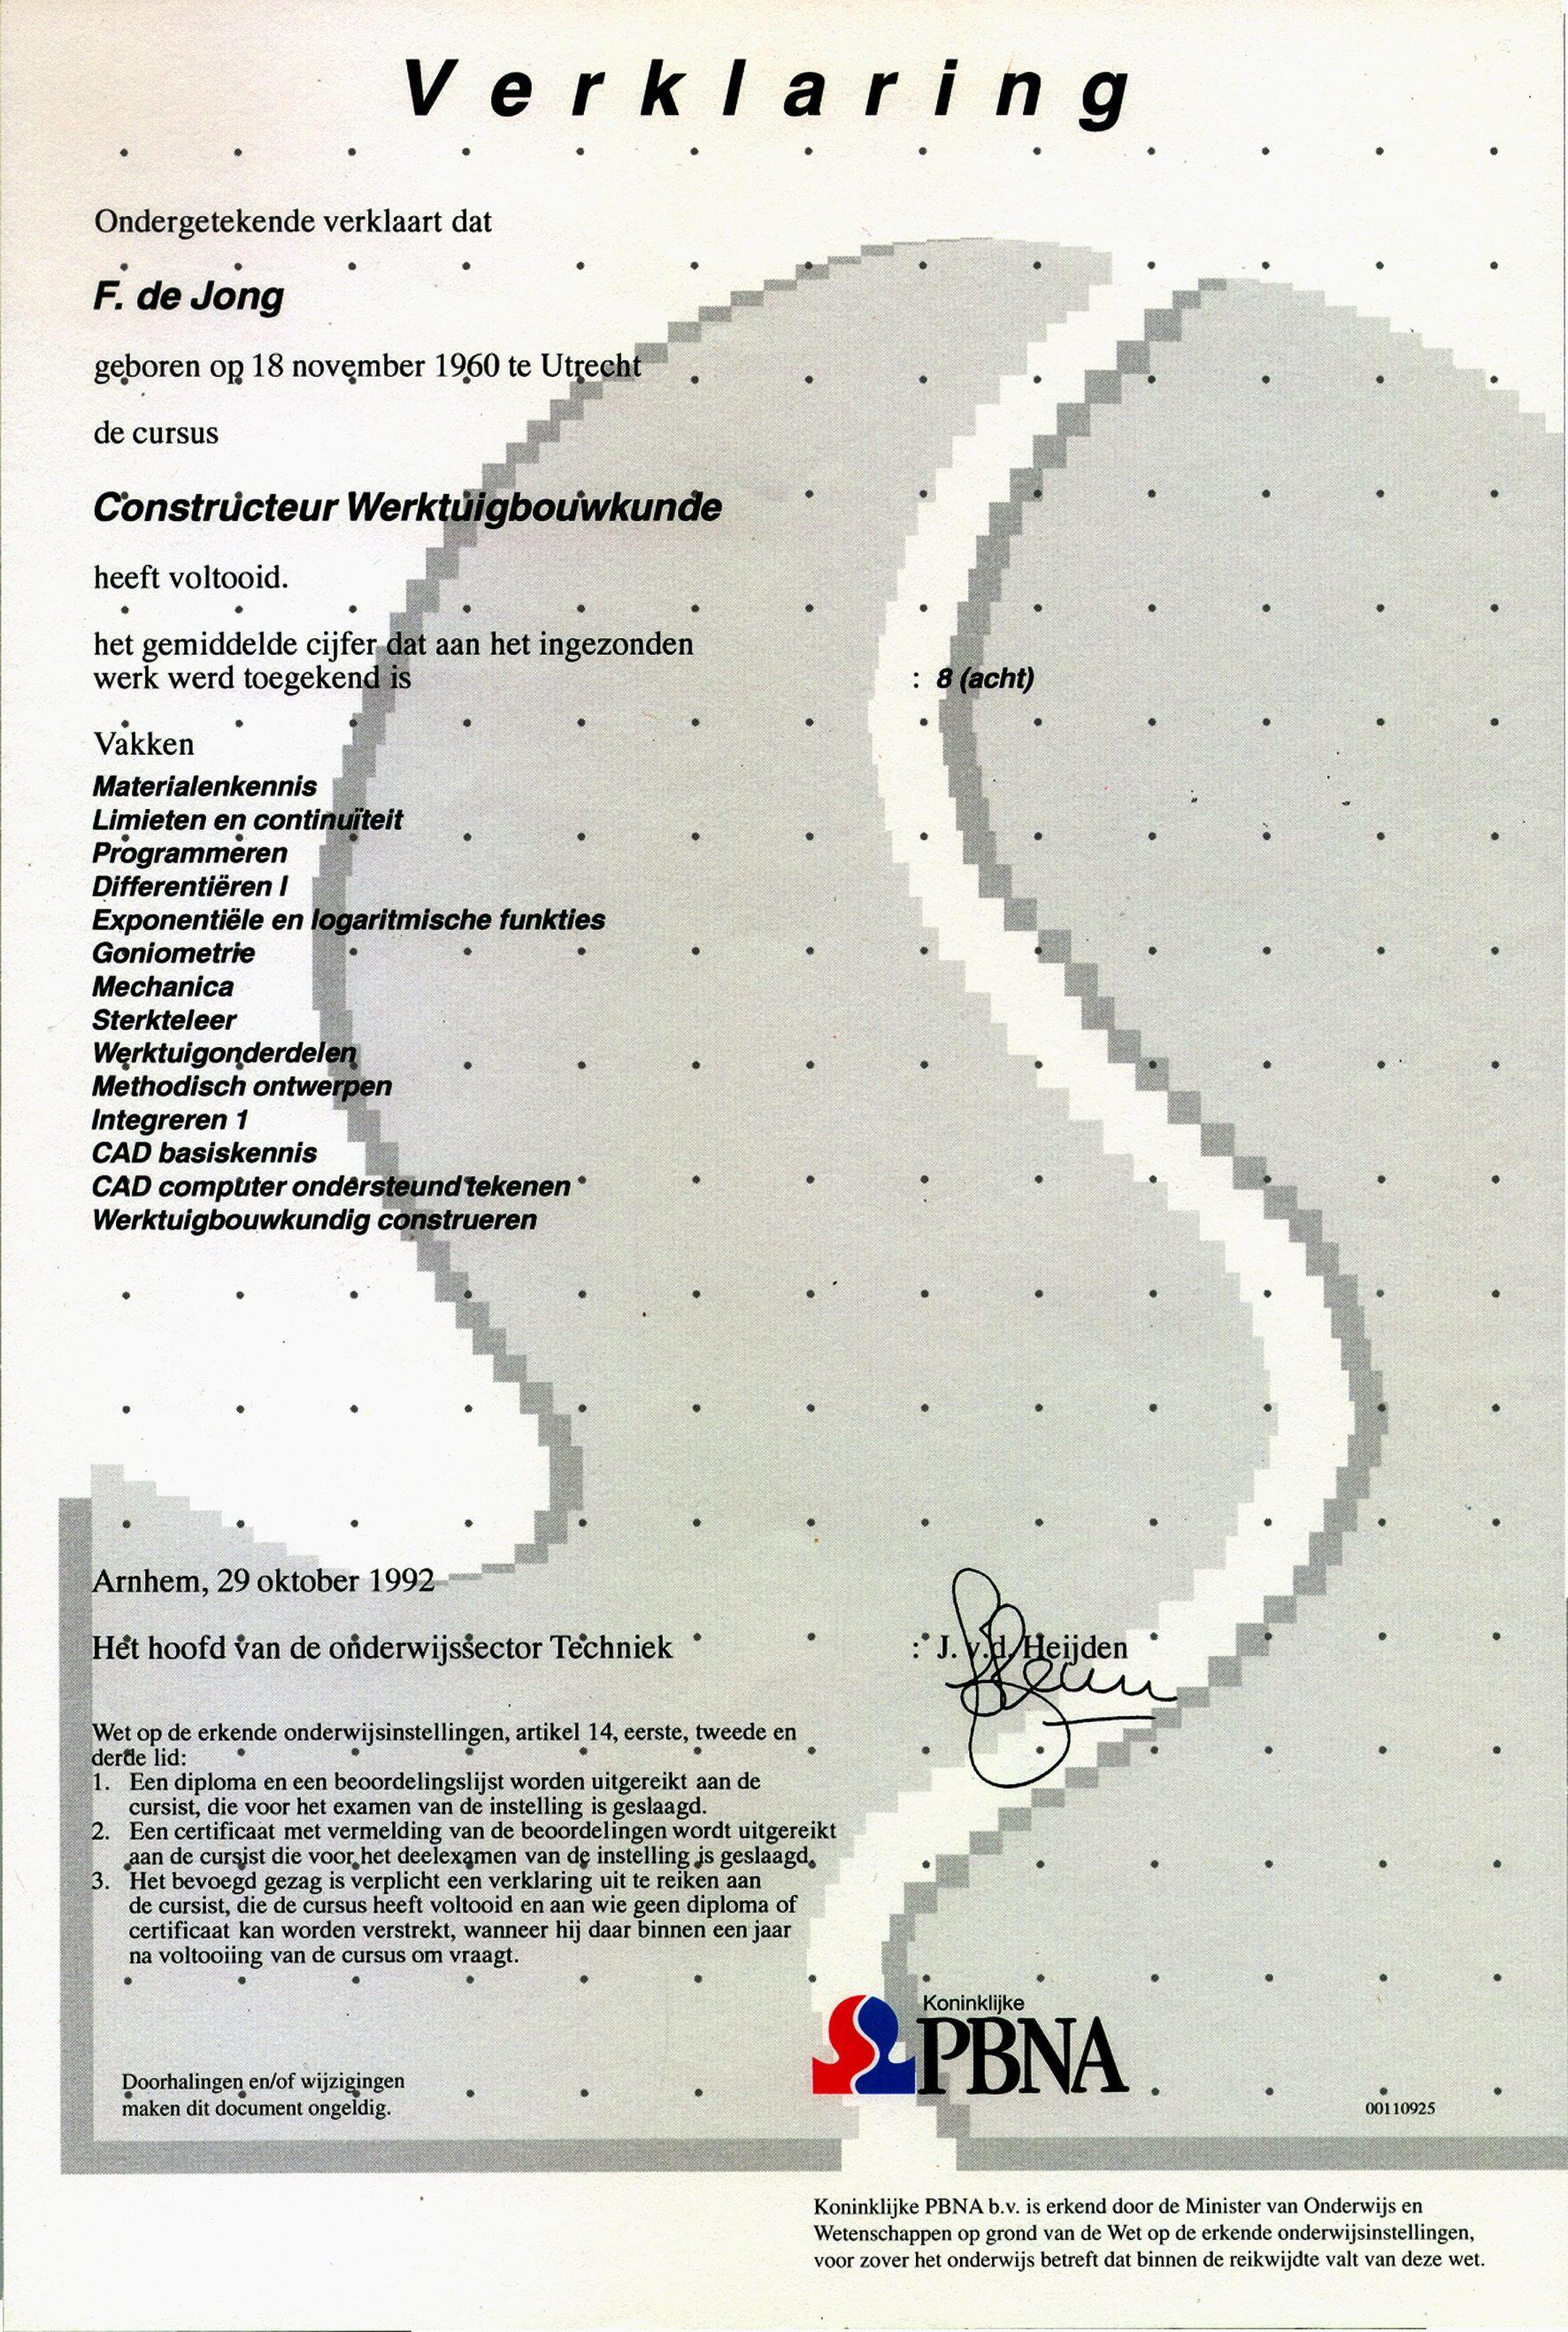 certificaat werktuigbouwkundig constructeur